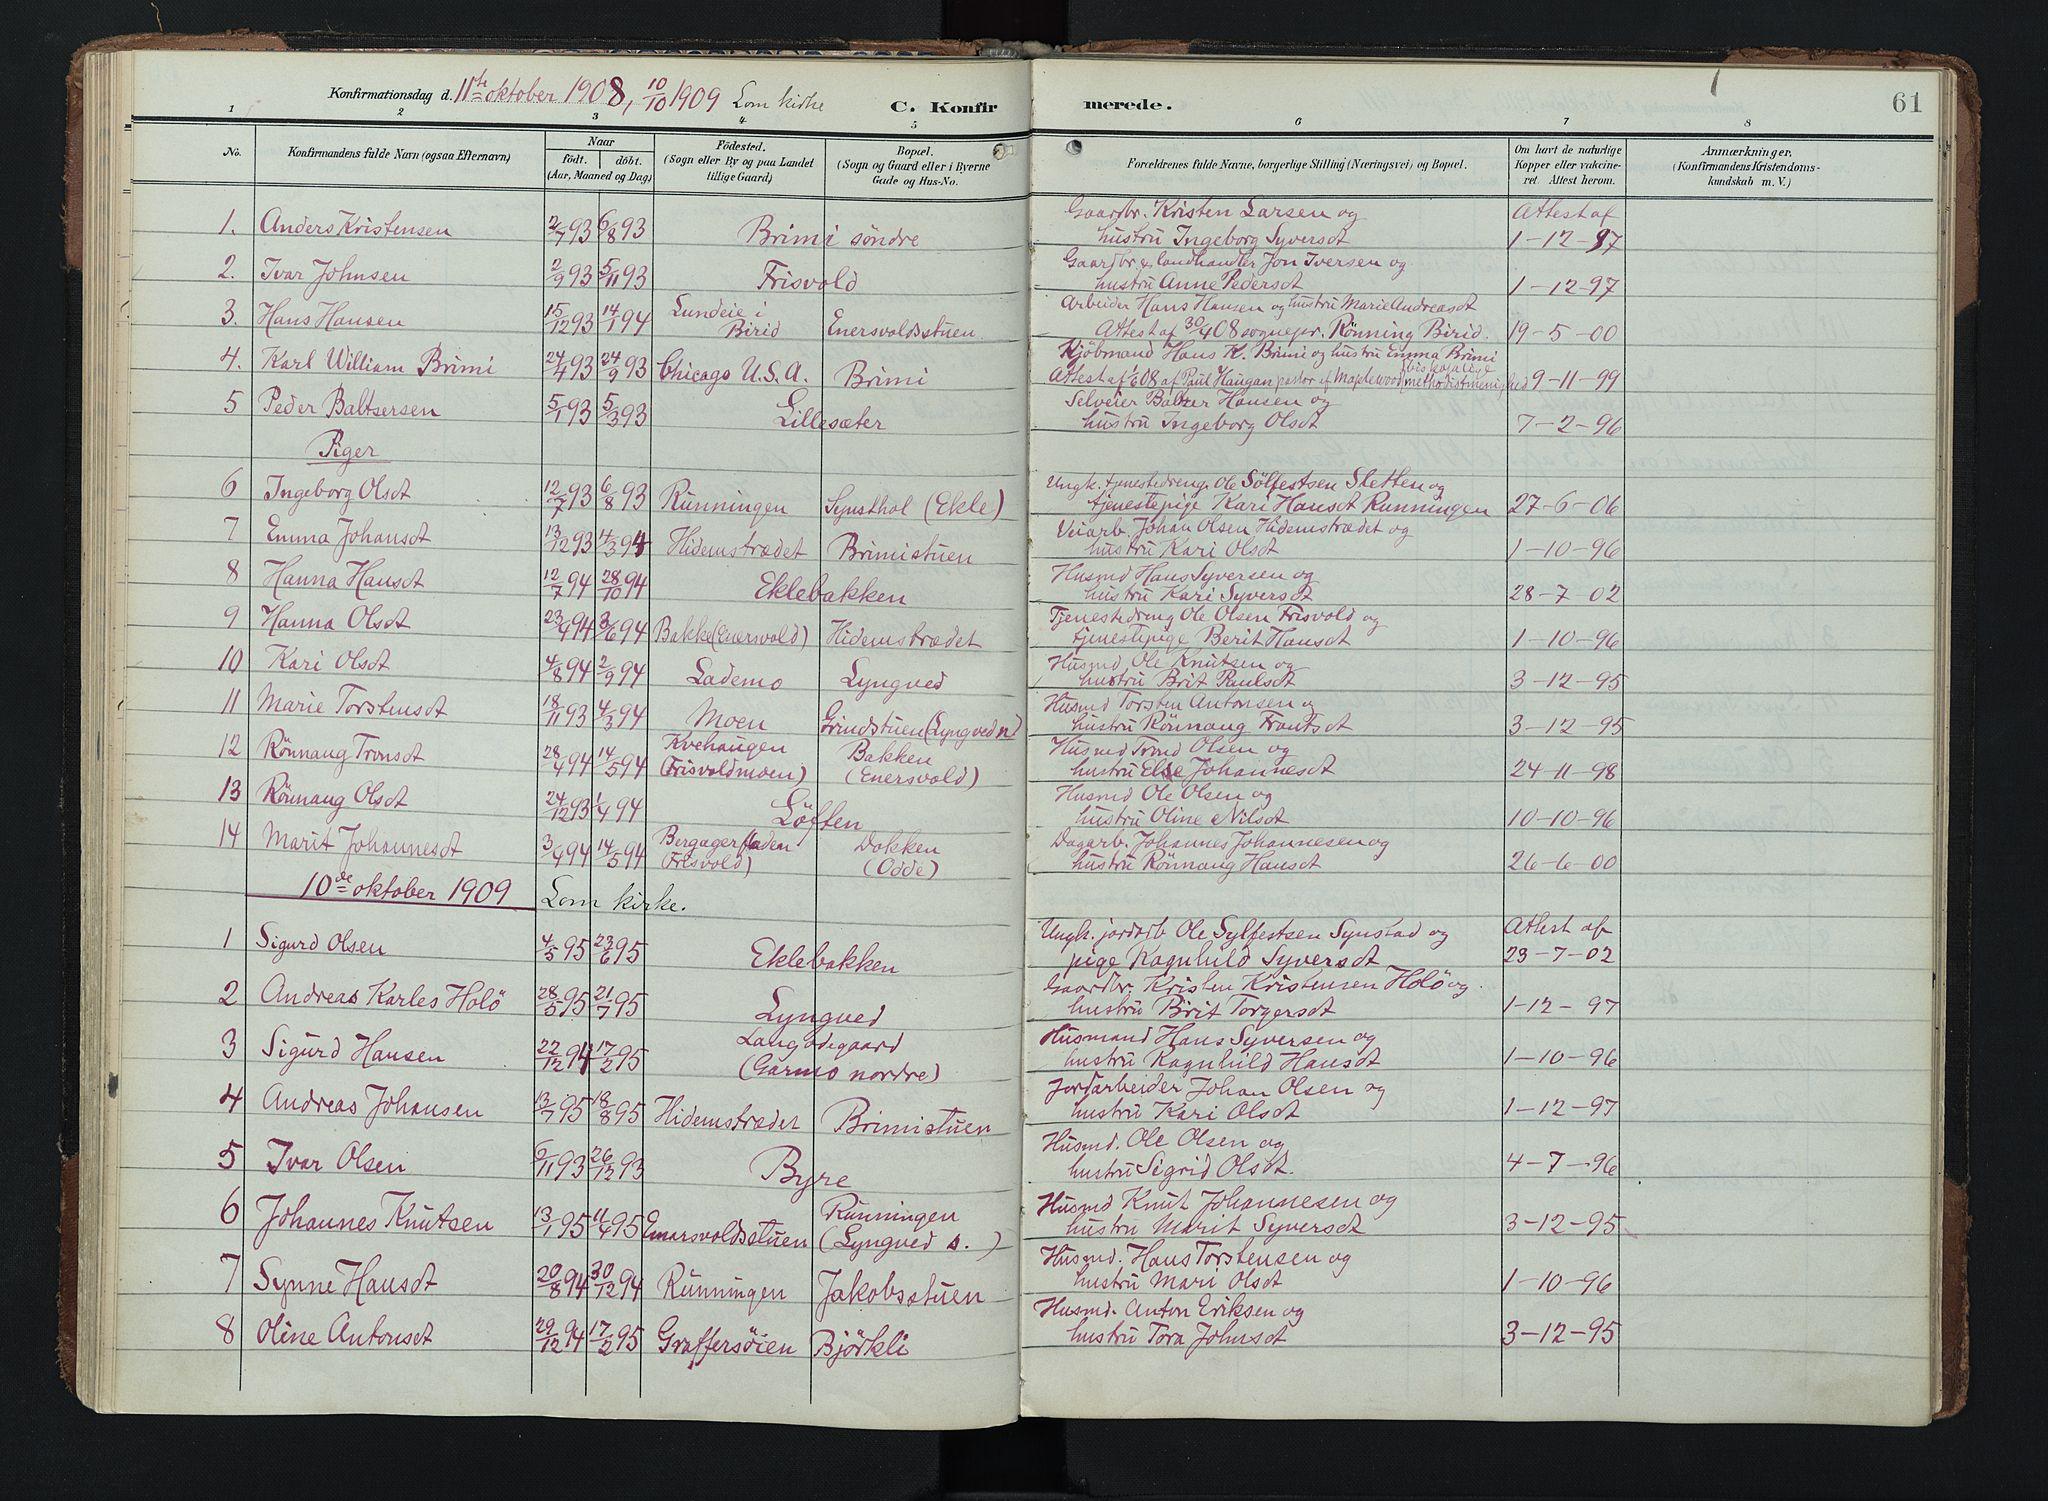 SAH, Lom prestekontor, K/L0011: Ministerialbok nr. 11, 1904-1928, s. 61